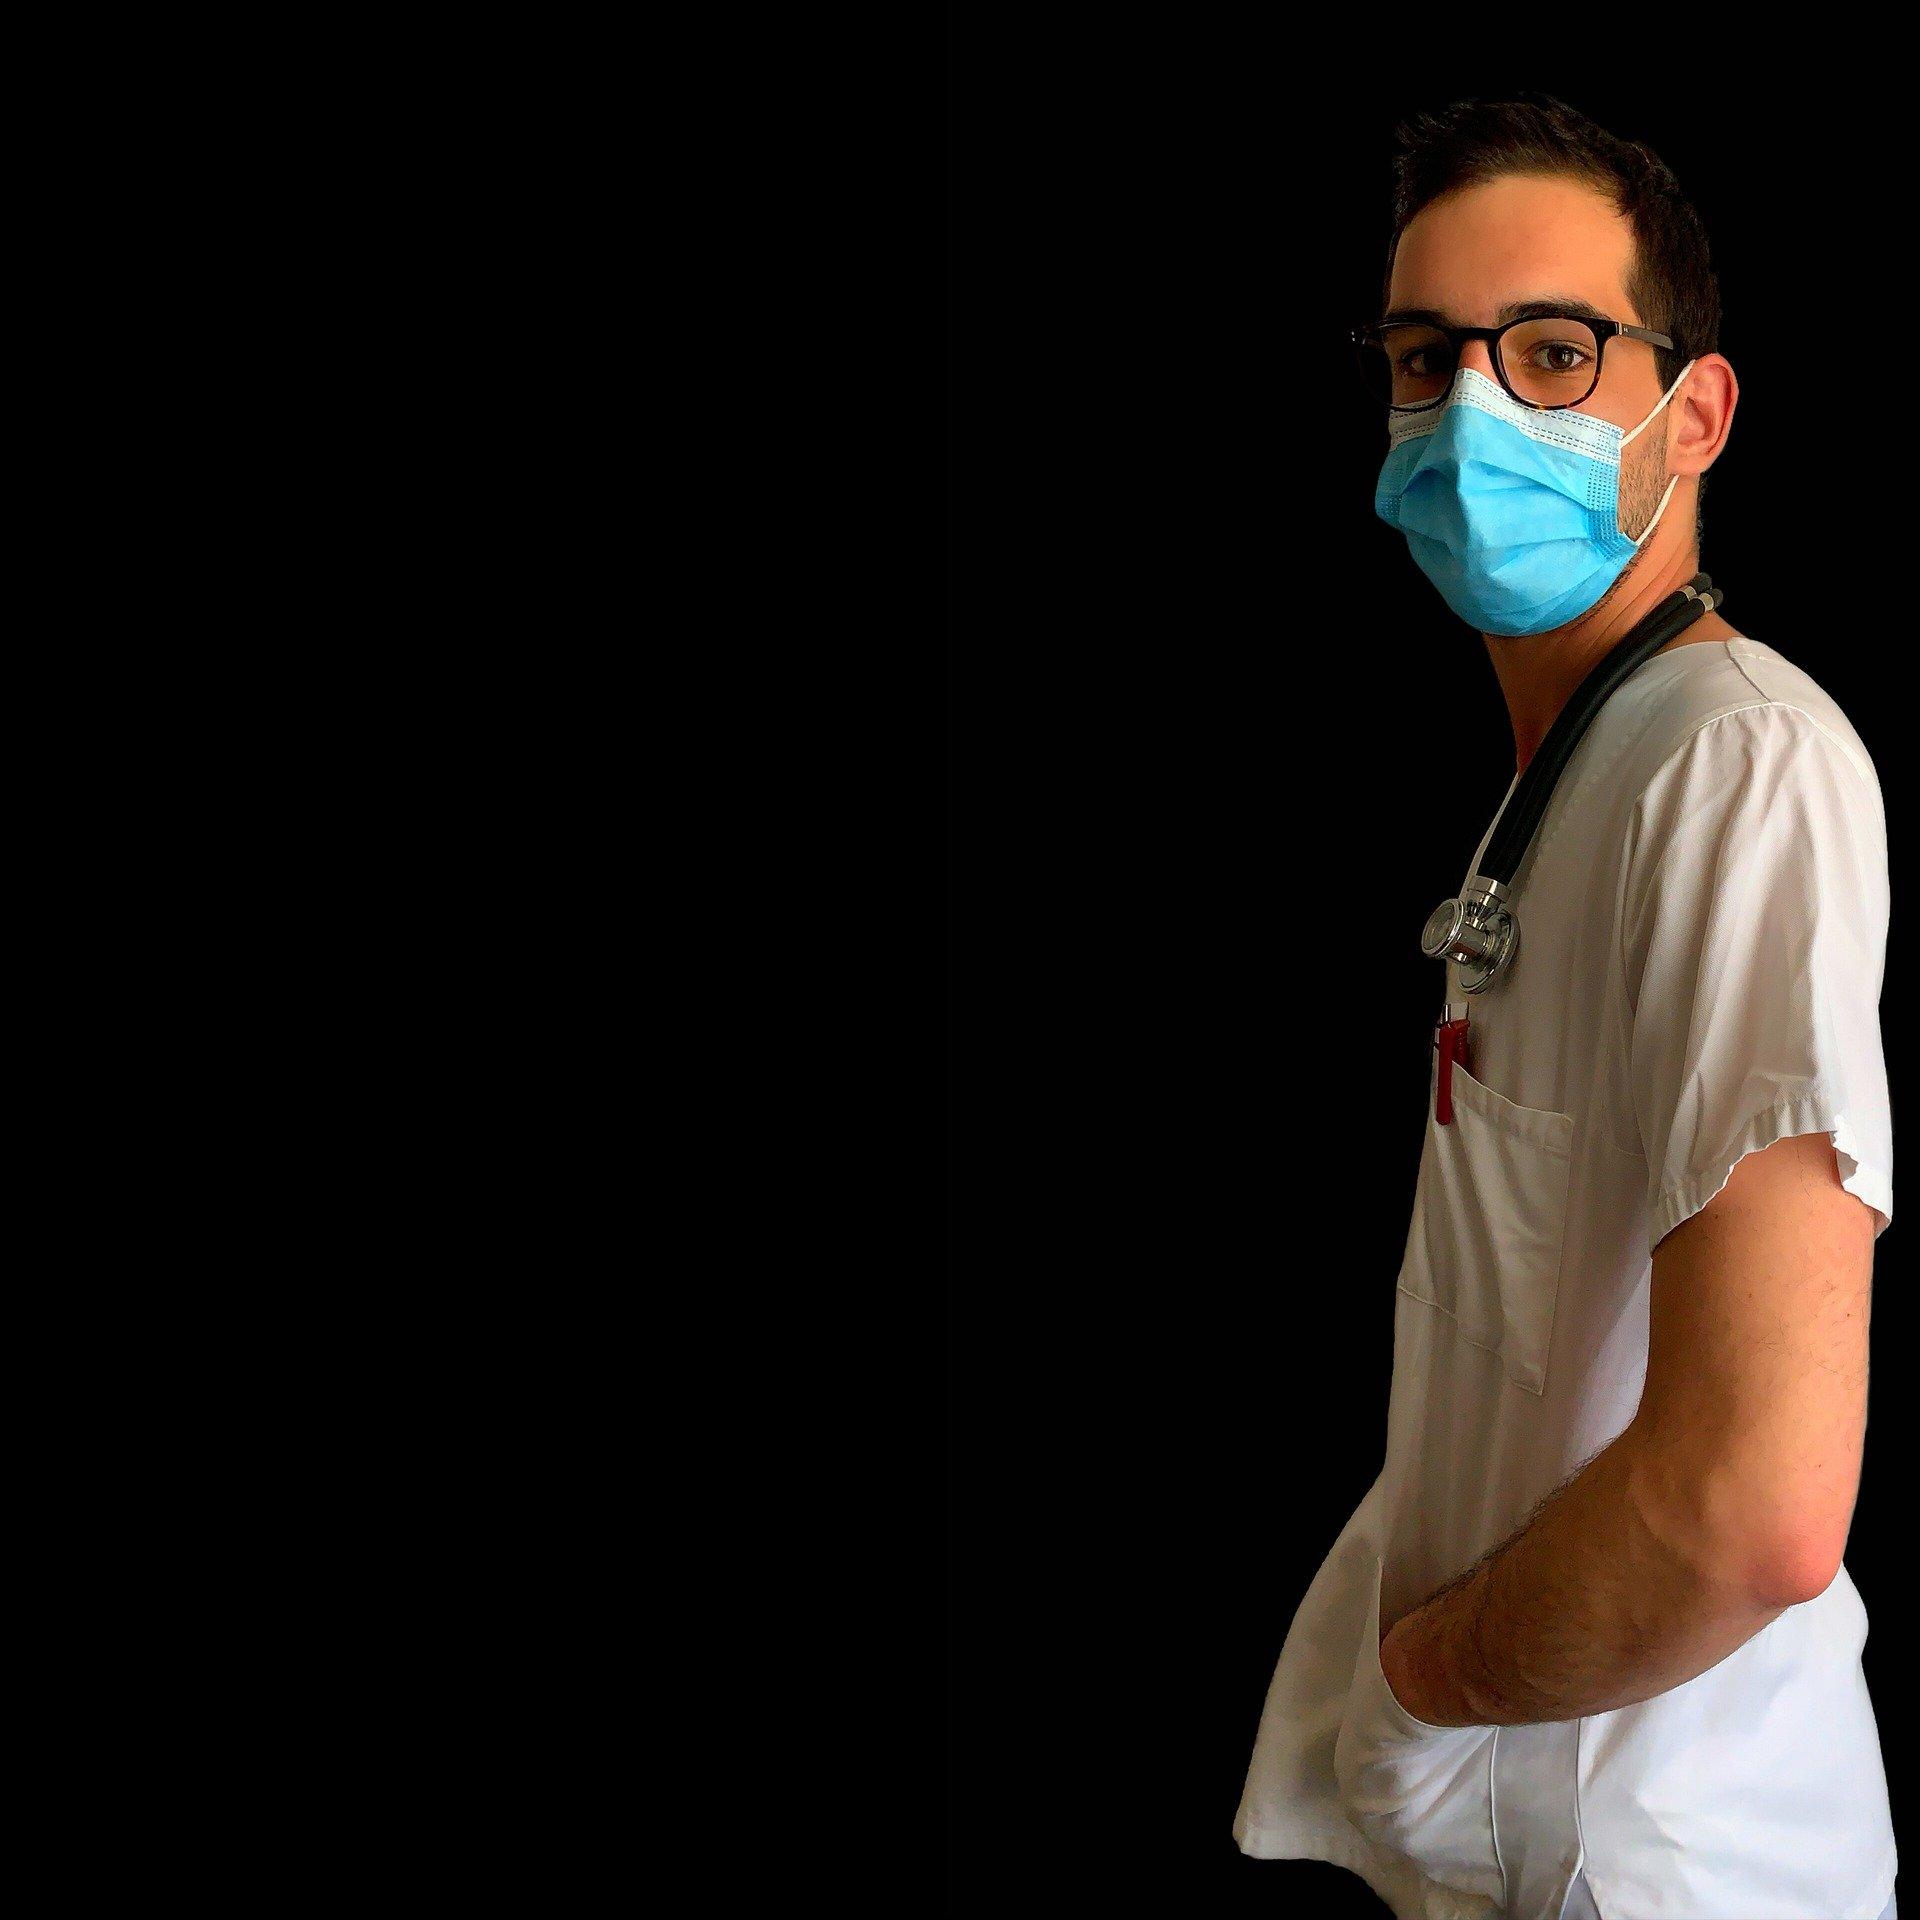 Les personnels de santé paient un lourd tribut à la lutte contre le covid-19.